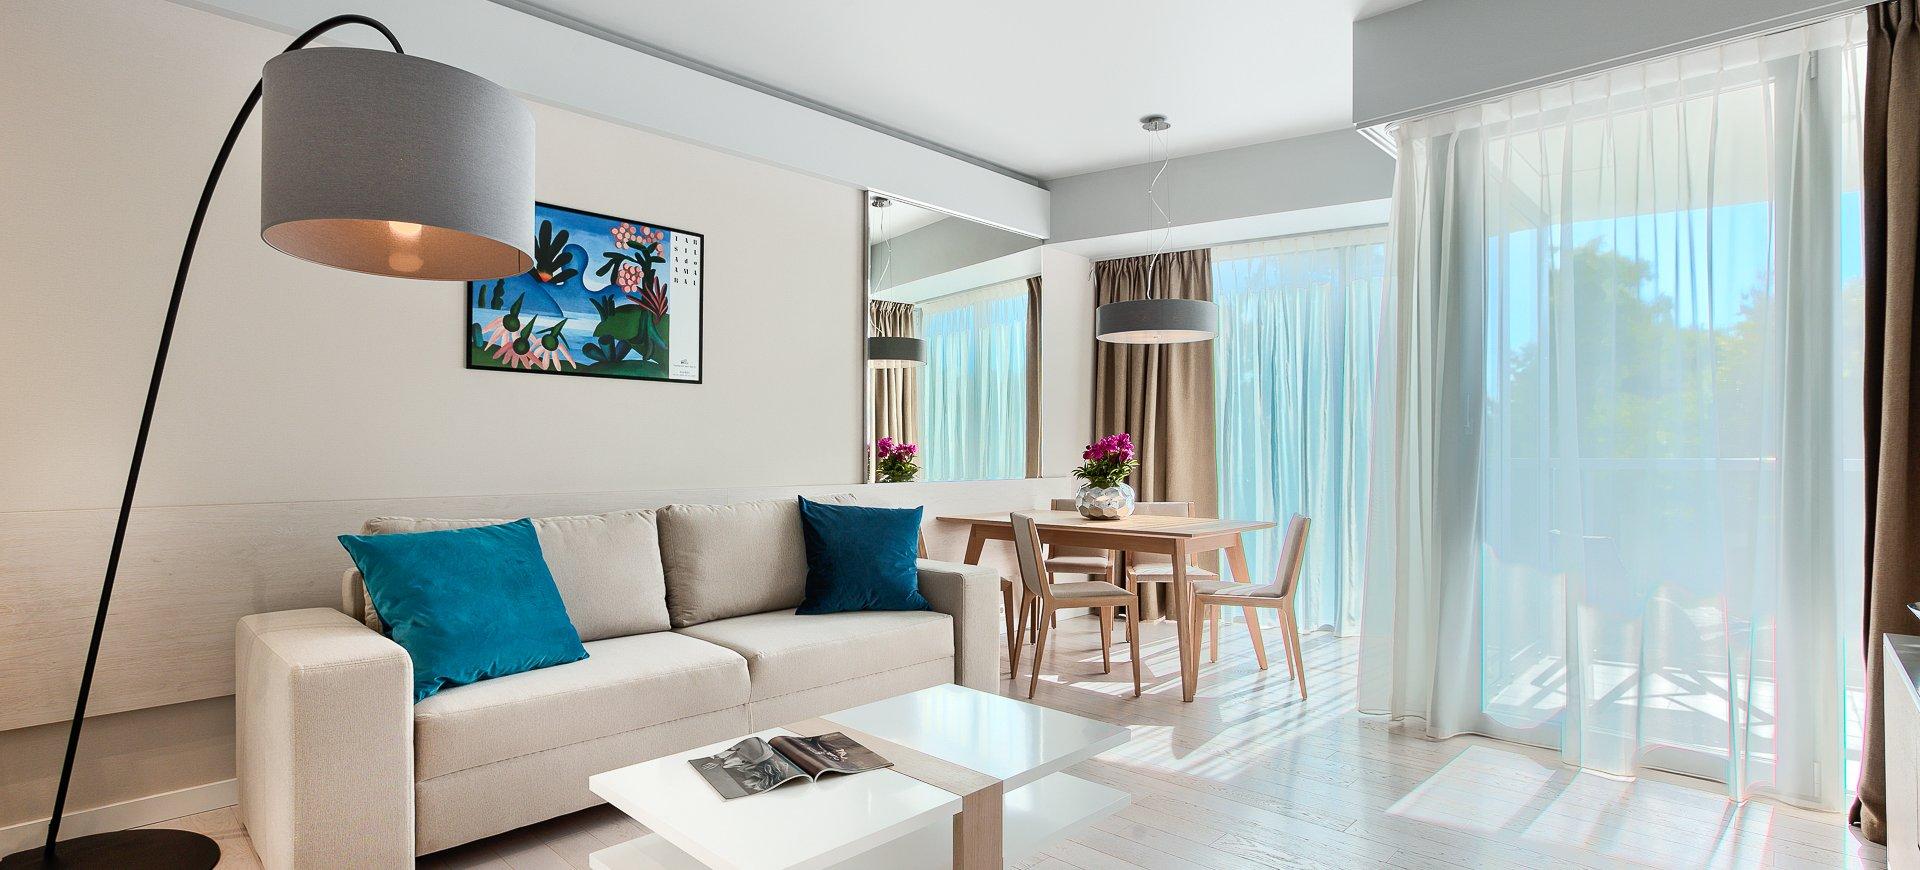 Apartament Deluxe z 1 sypialnią 2.05 B z bocznym widokiem na morze